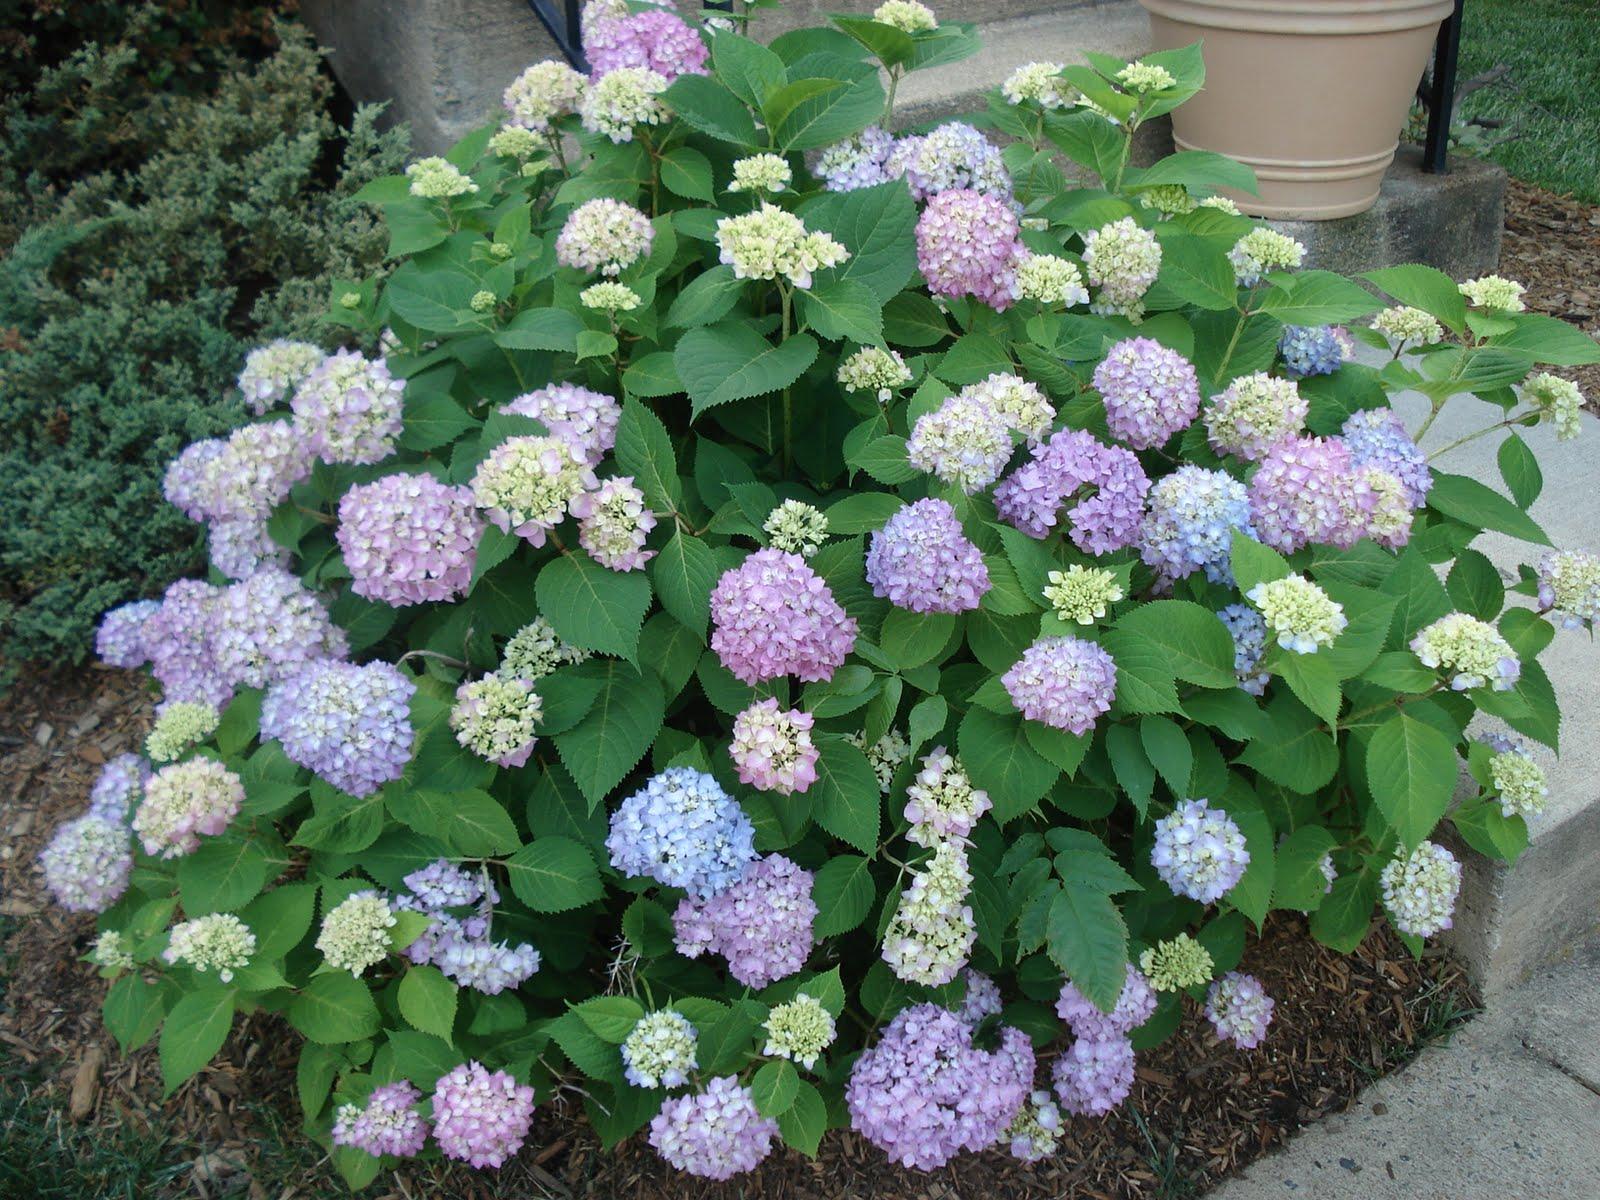 Bumble Lush Garden: Spotlight on Hydrangeas